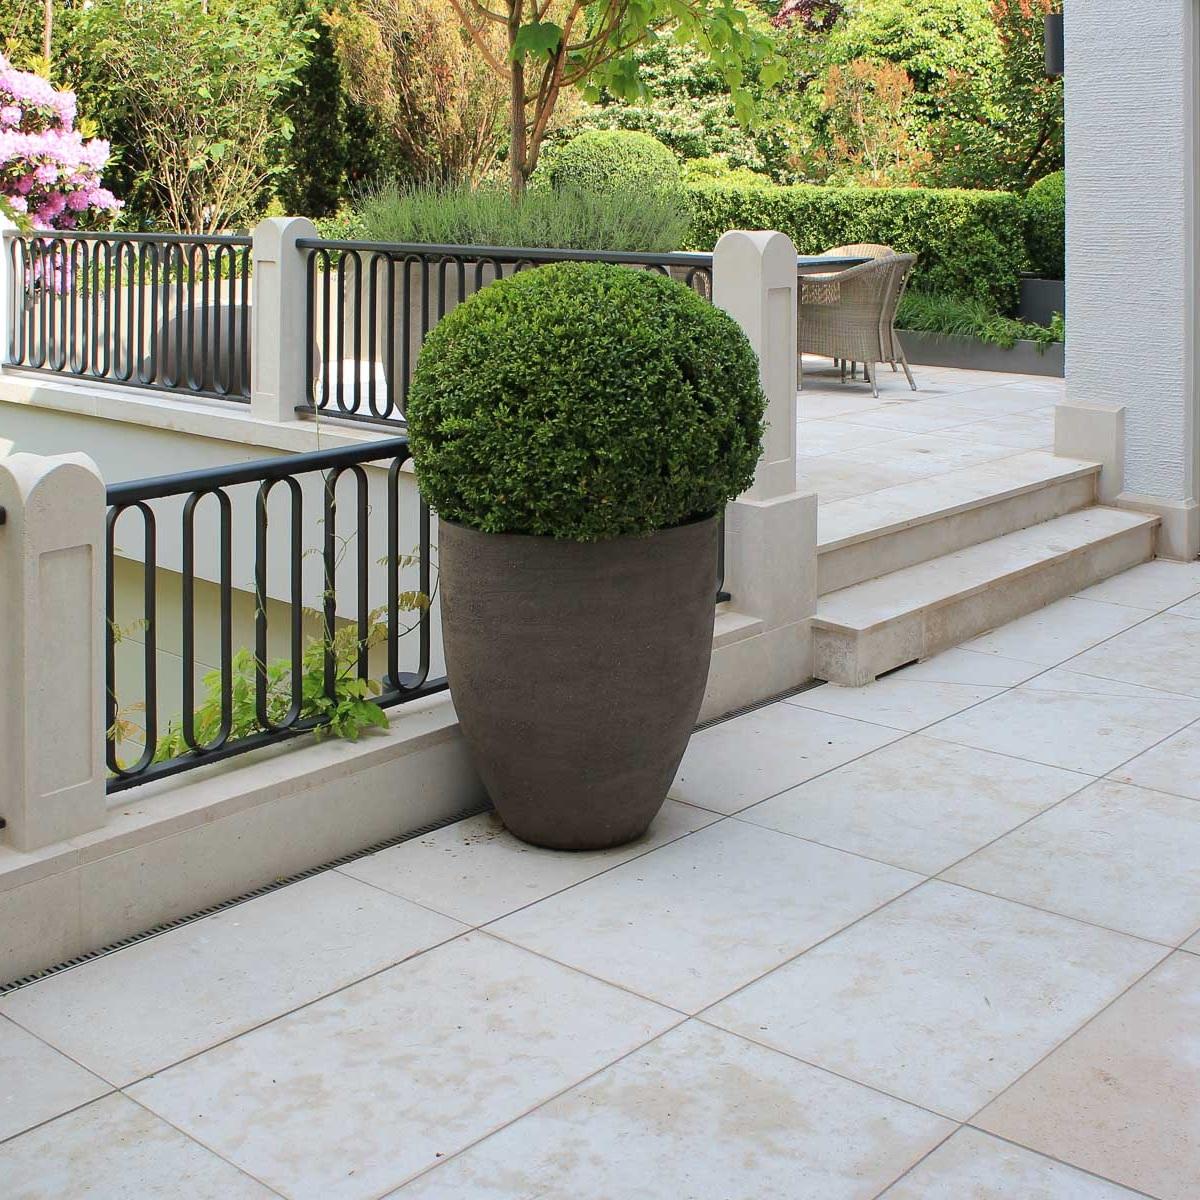 Zwei Terrassen, die durch eine Treppe gegliedert werden, werden mit großen Pflanzgefäßen eingerichtet.